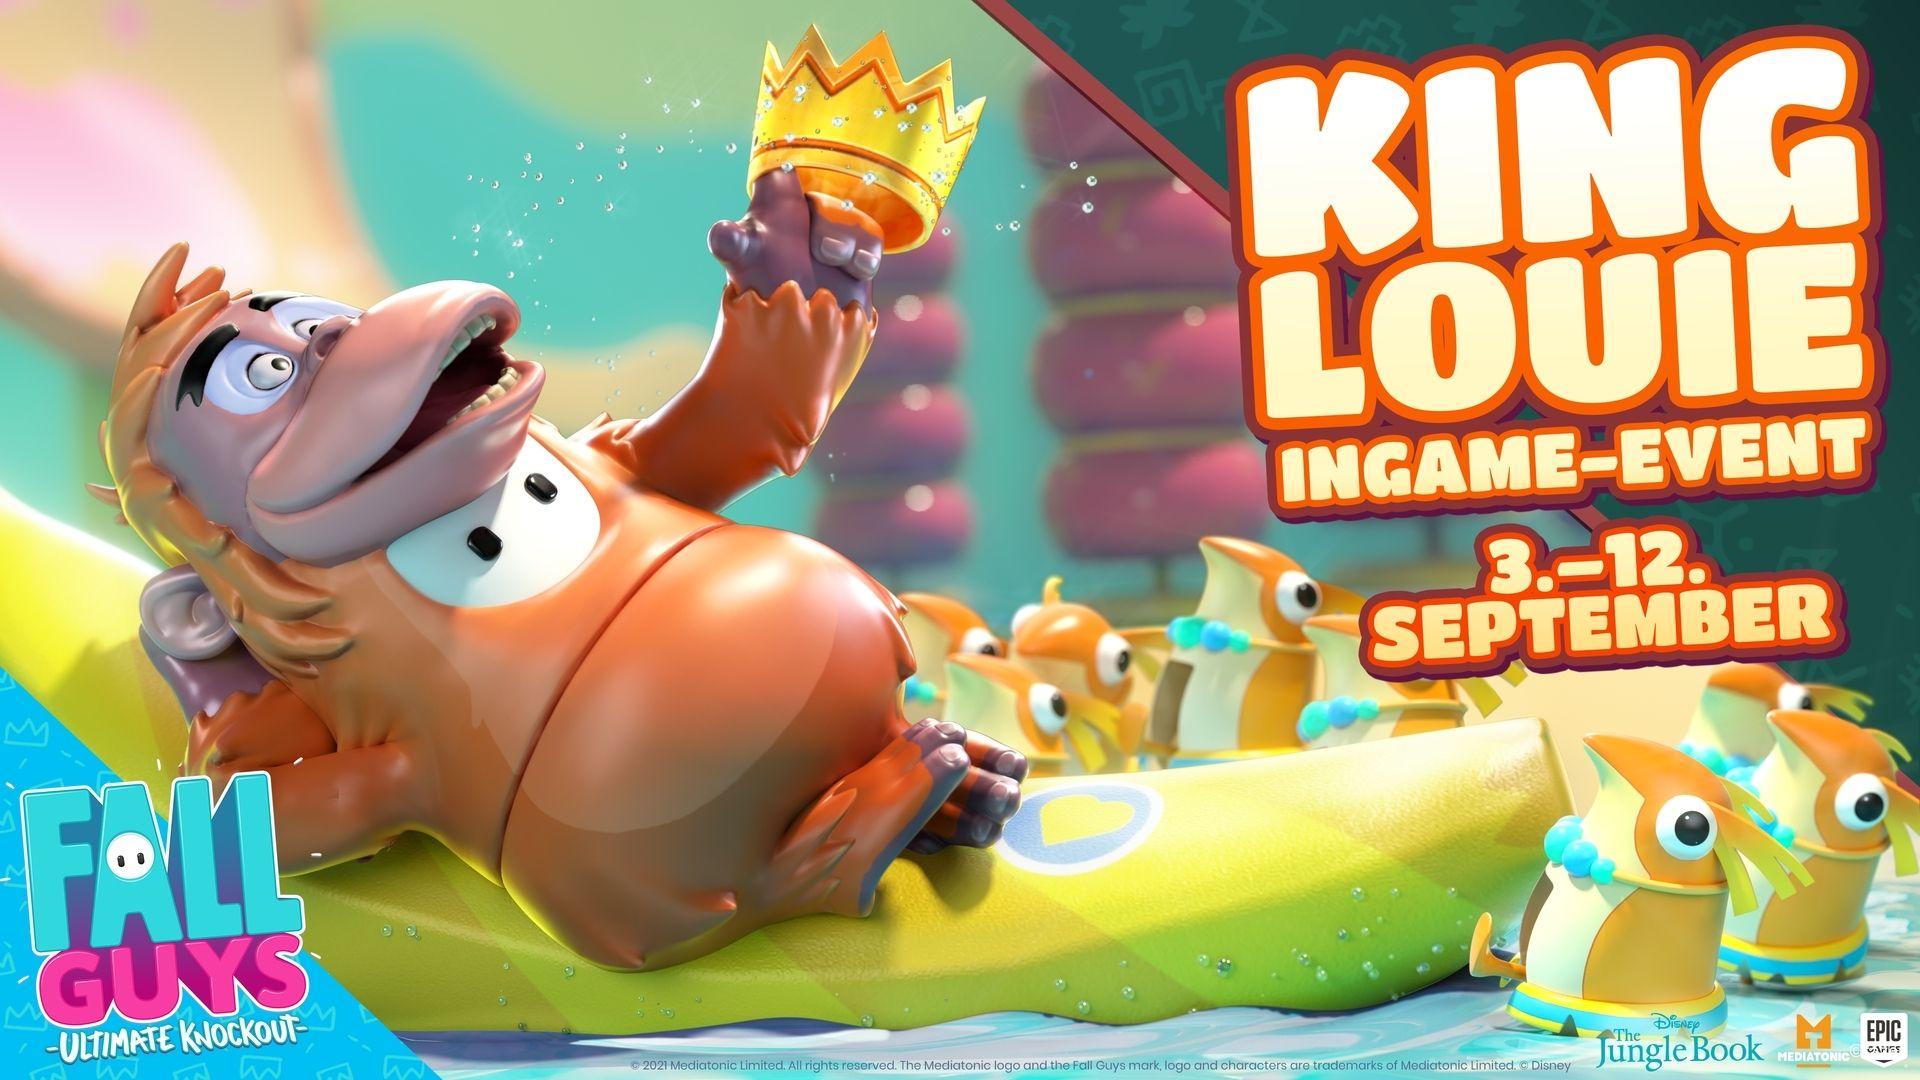 Fall guys Dschungelbuch King Louie Event